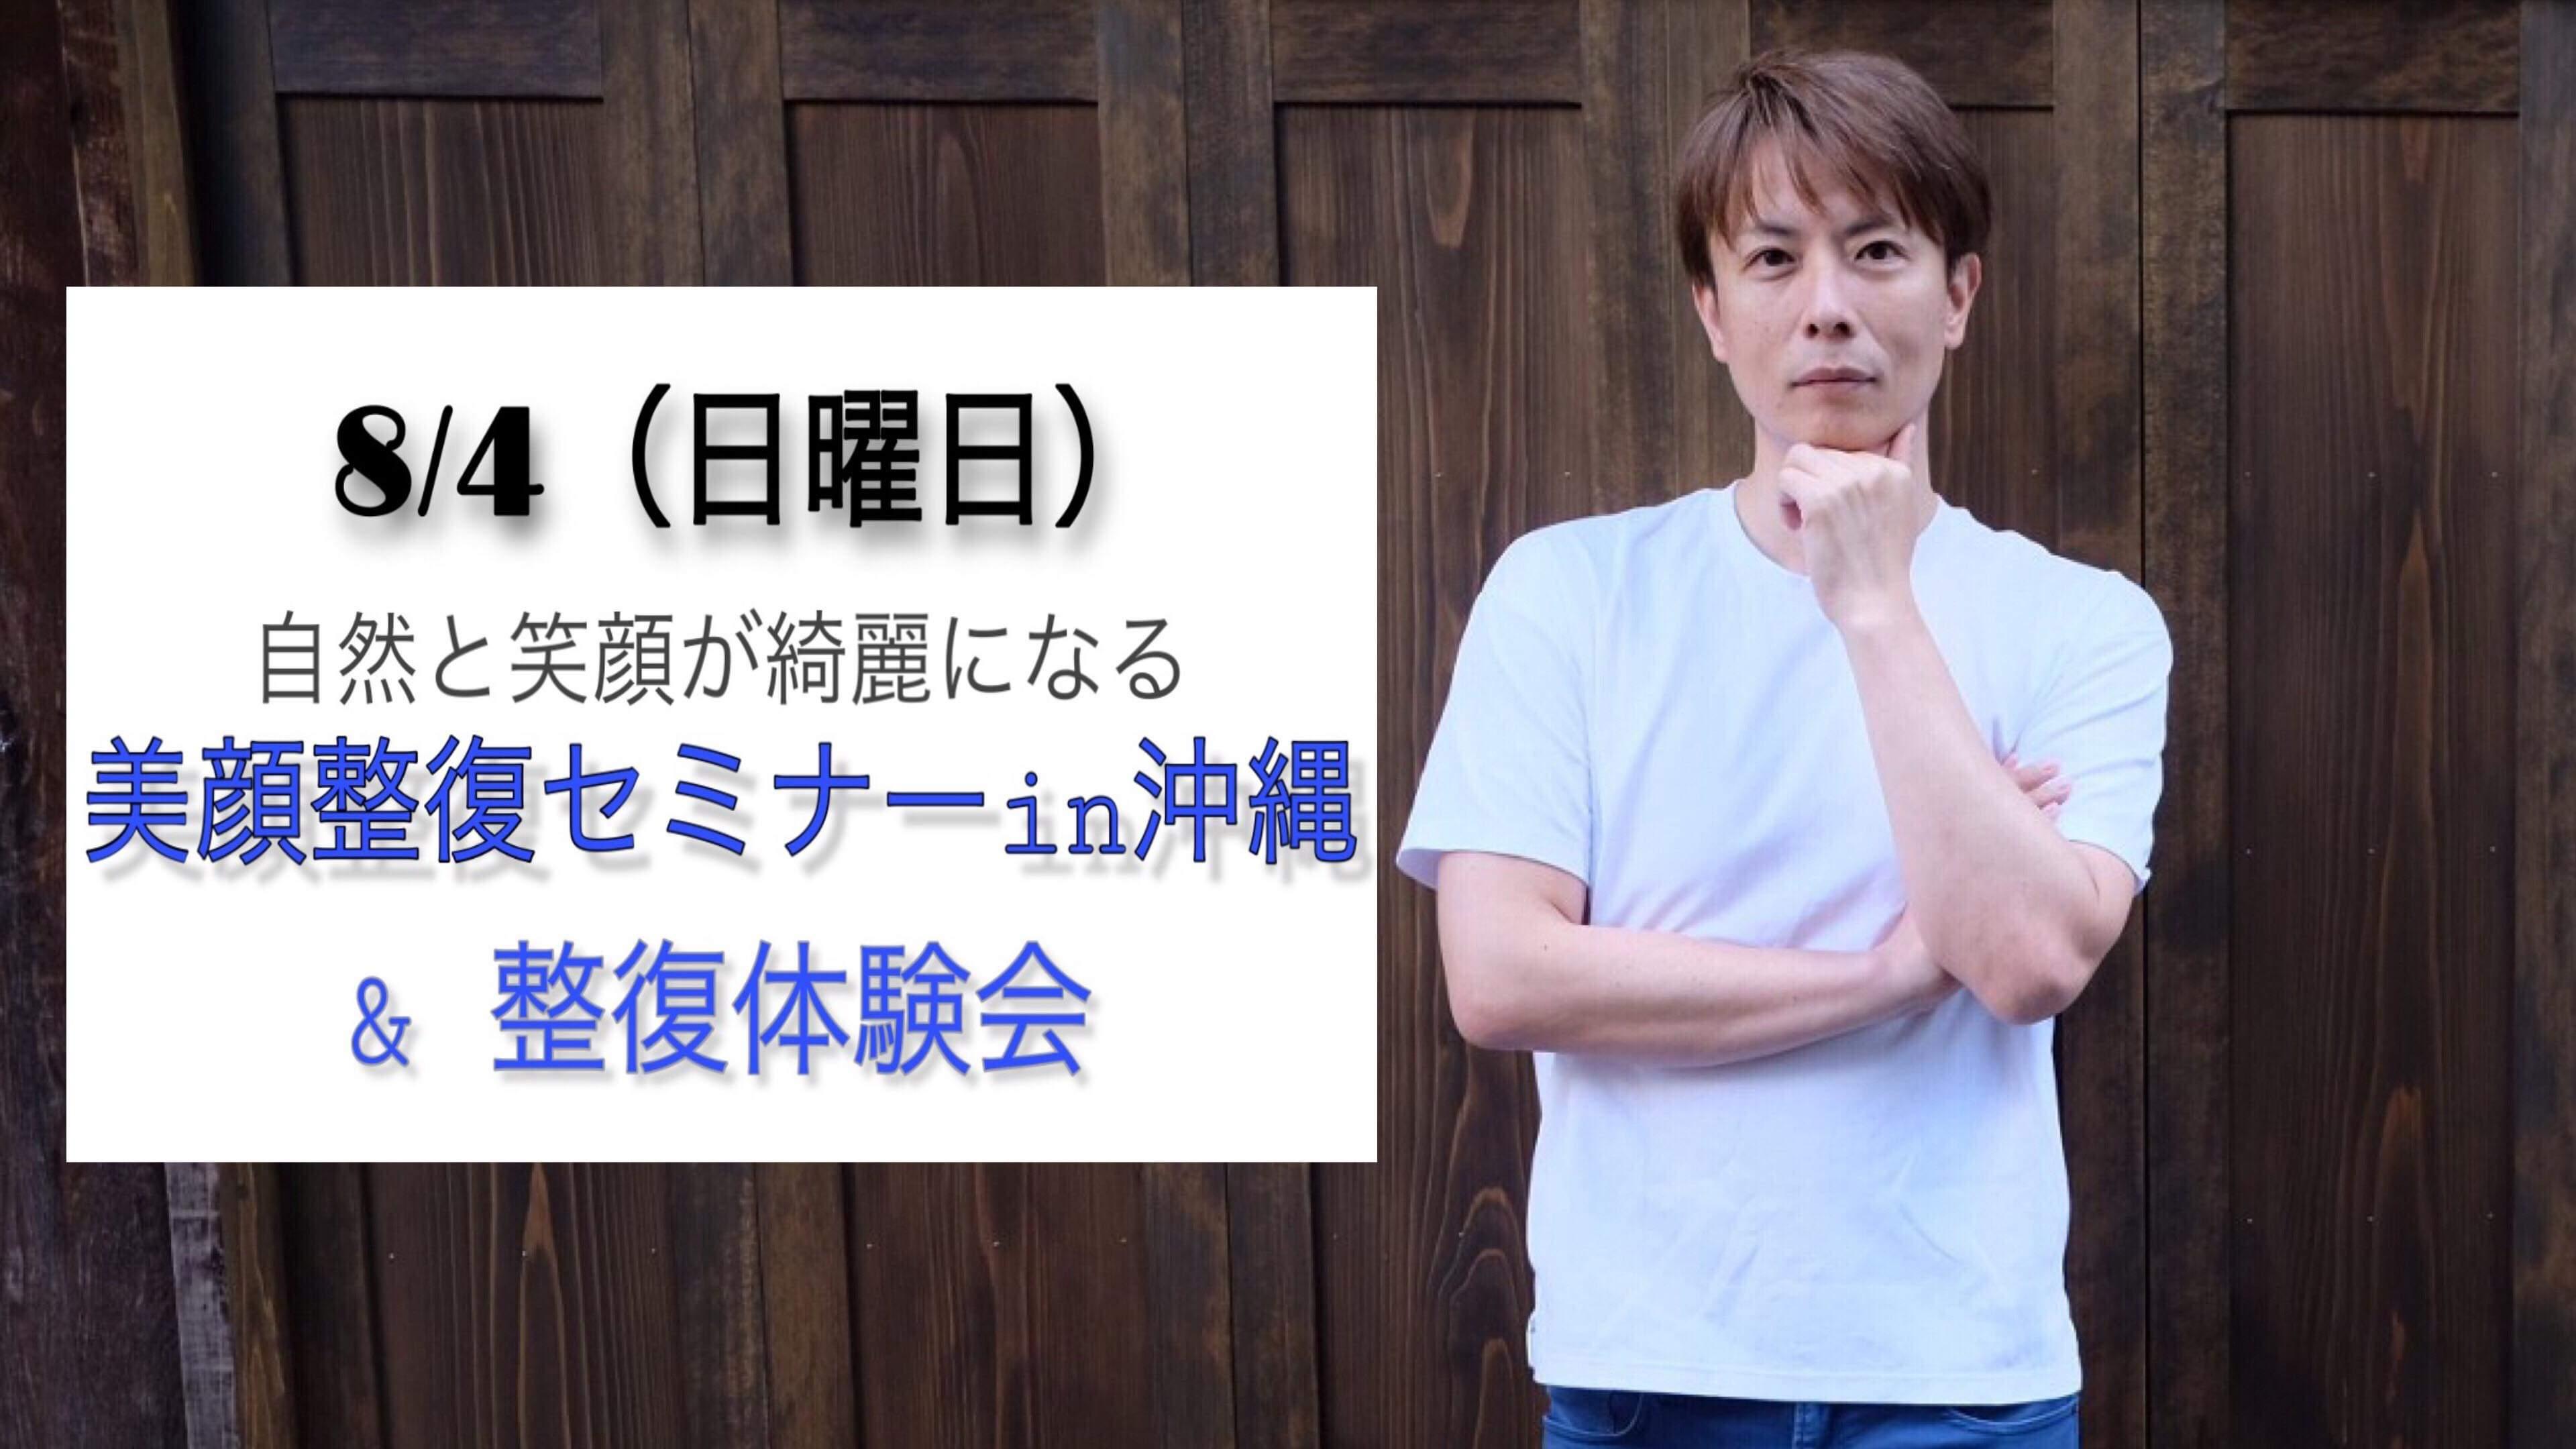 8月4日 美顔整復セミナーin沖縄&整復体験会